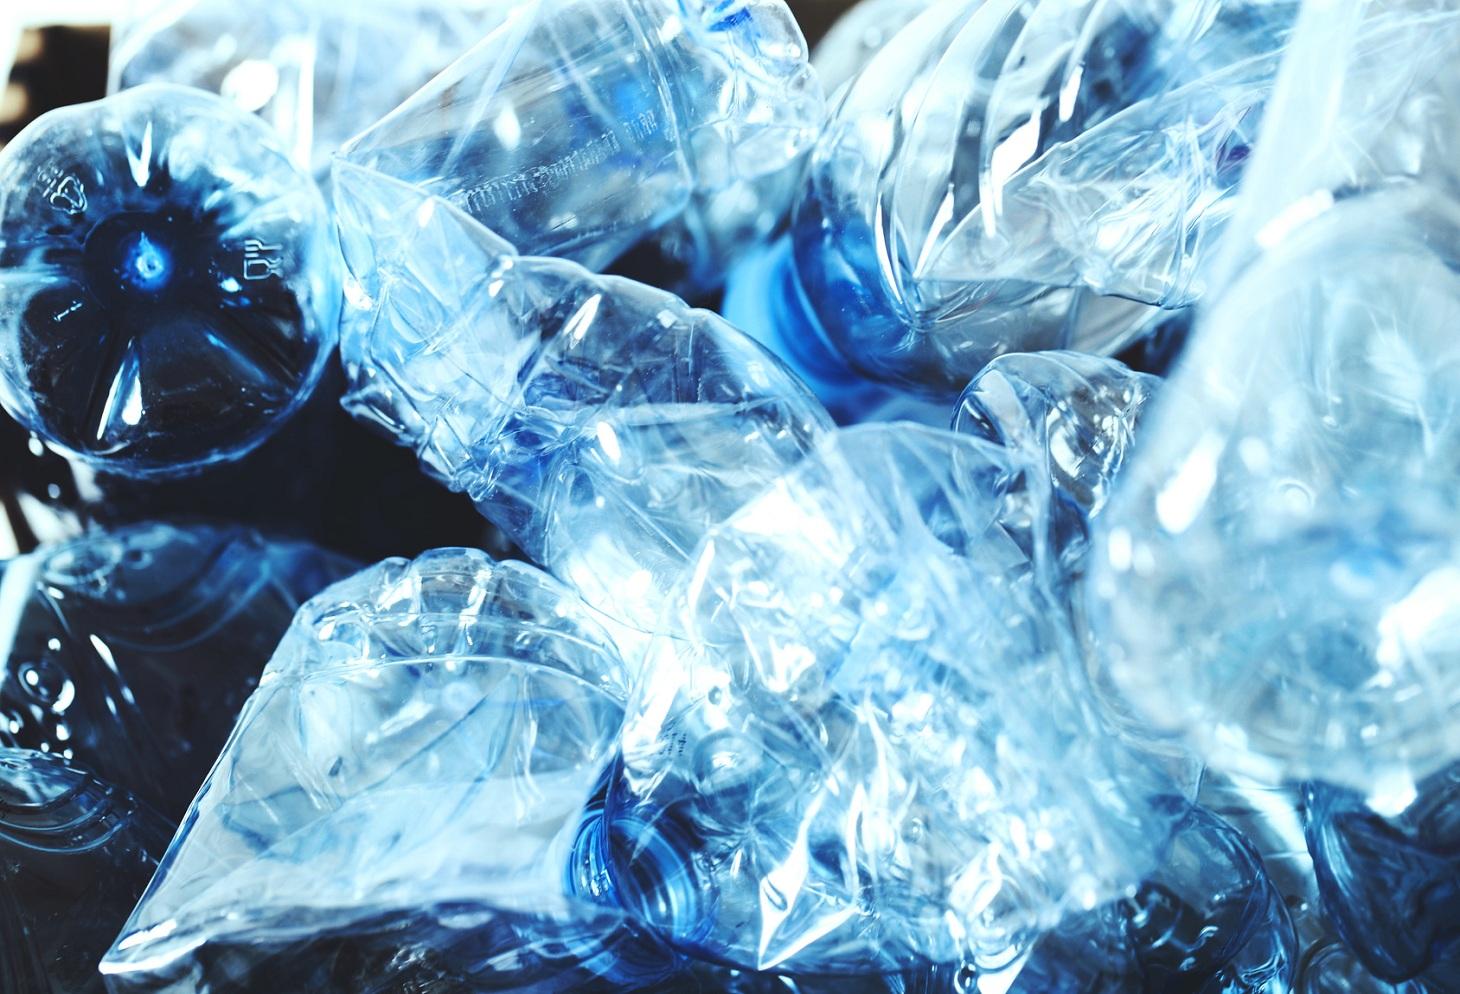 In viaggio con i rifiuti... per capire